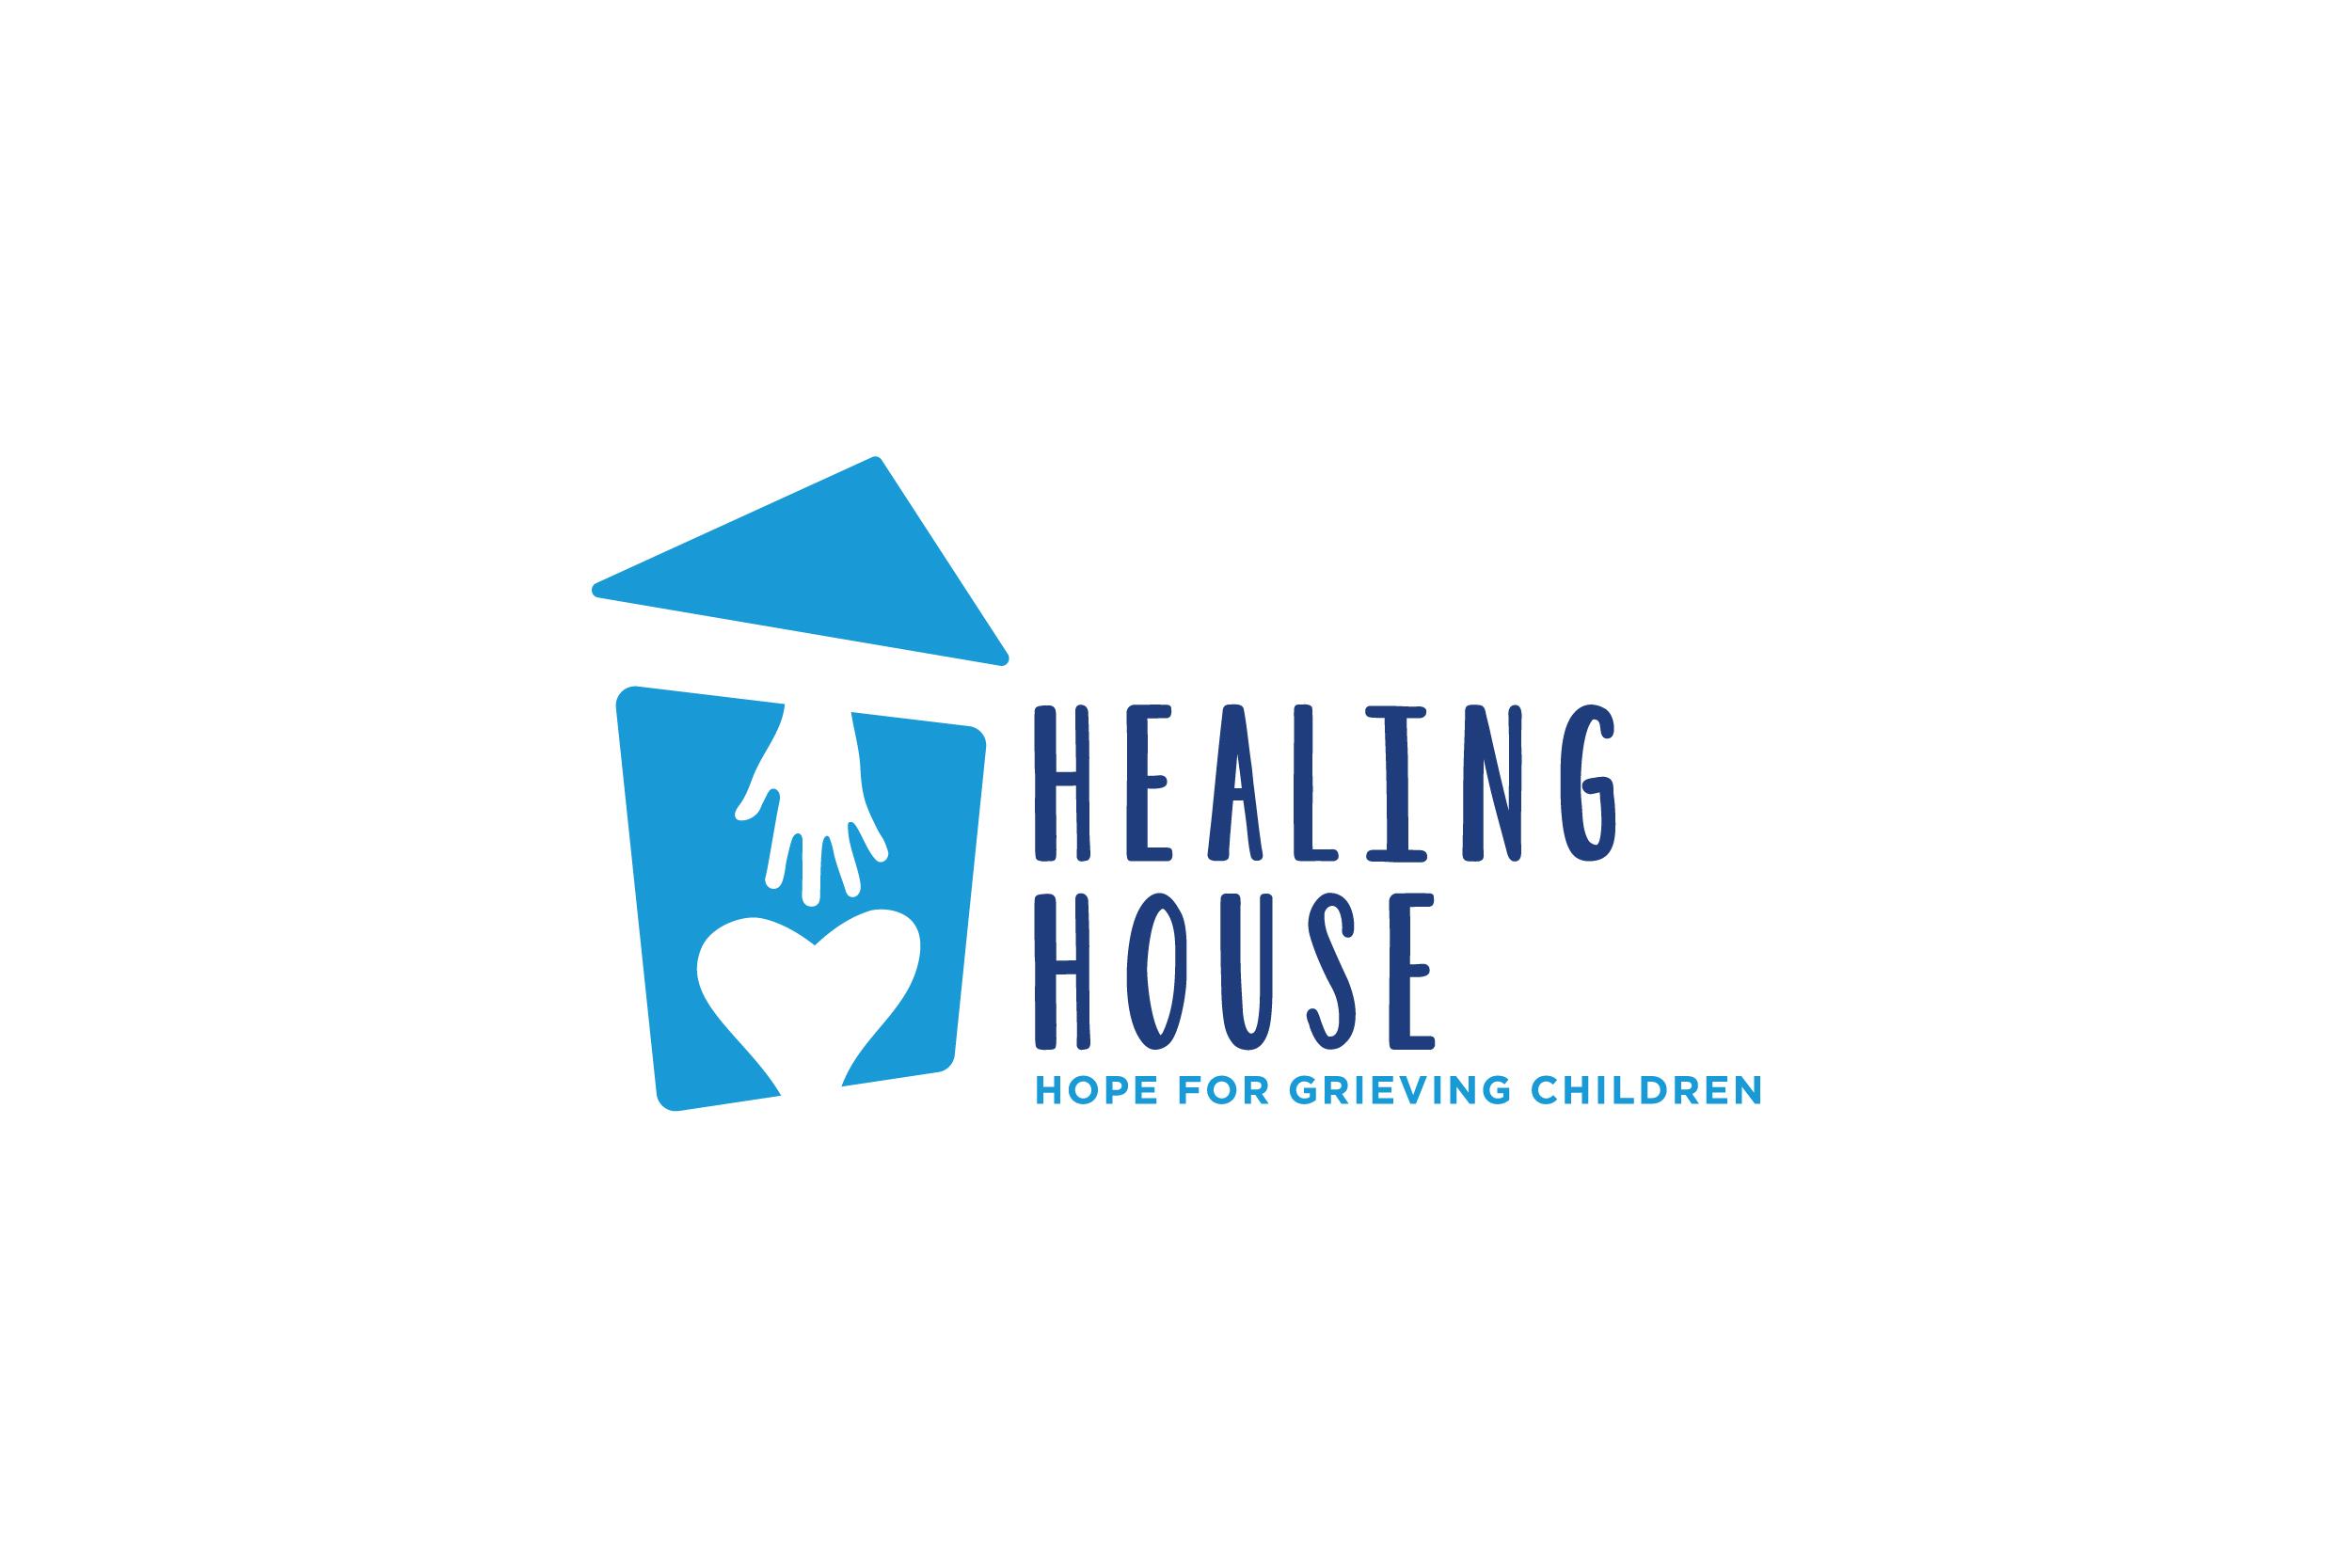 HealingHouselogo.jpg